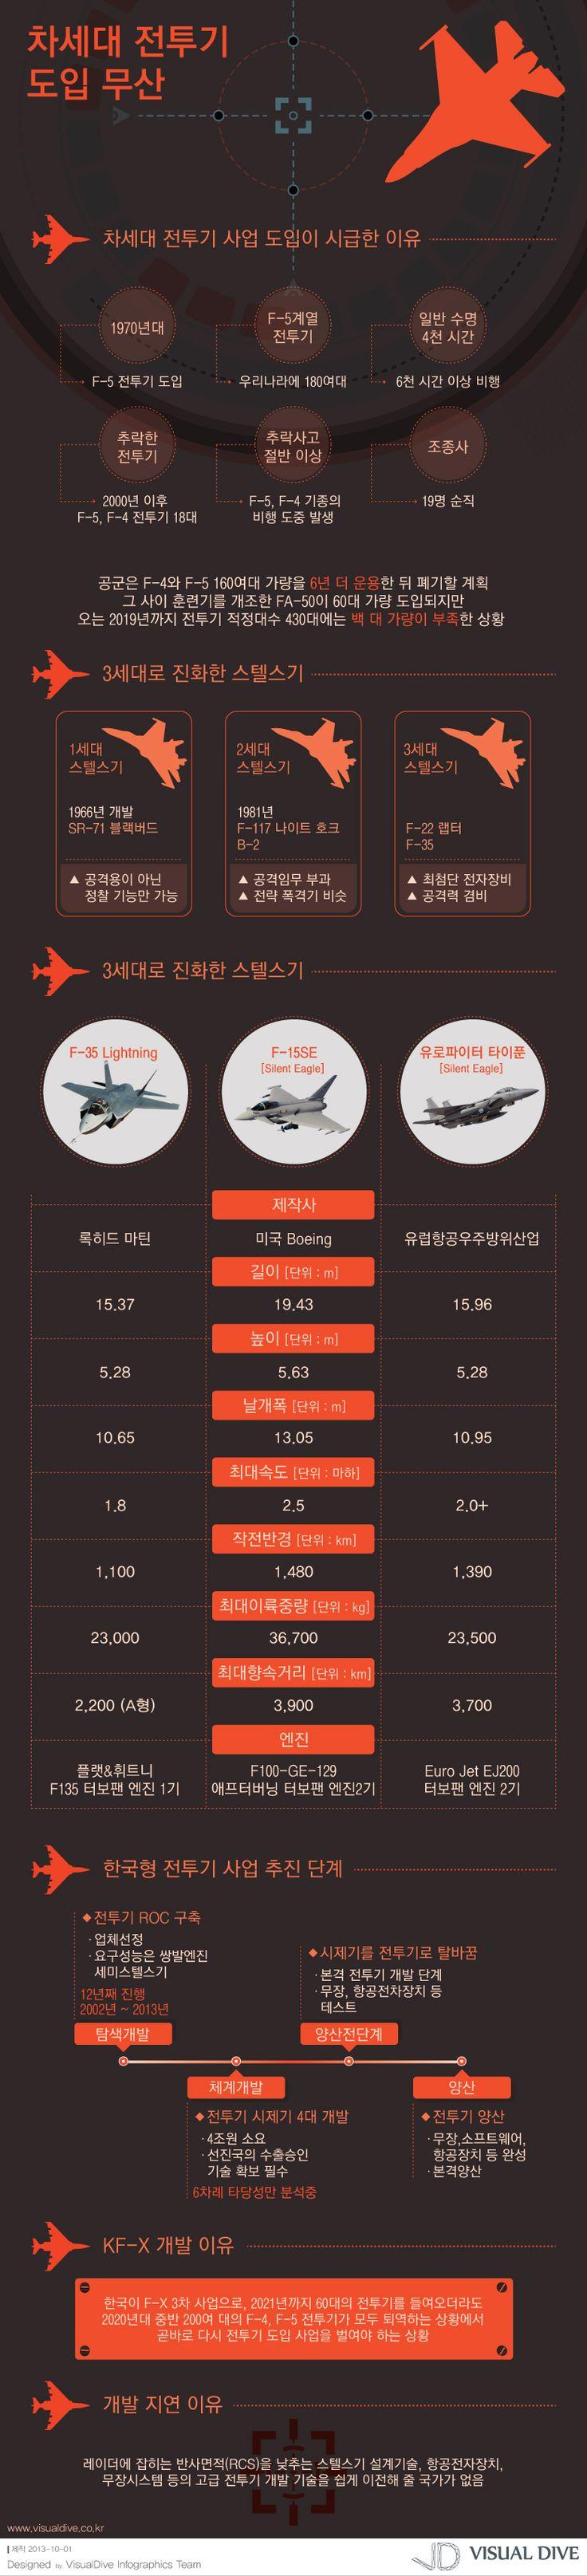 """[인포그래픽] 차기 전투기 사업, 3세대 전투기 도입될까 #fighter / #Infographic"""" ⓒ 비주얼다이브 무단 복사·전재·재배포 금지"""